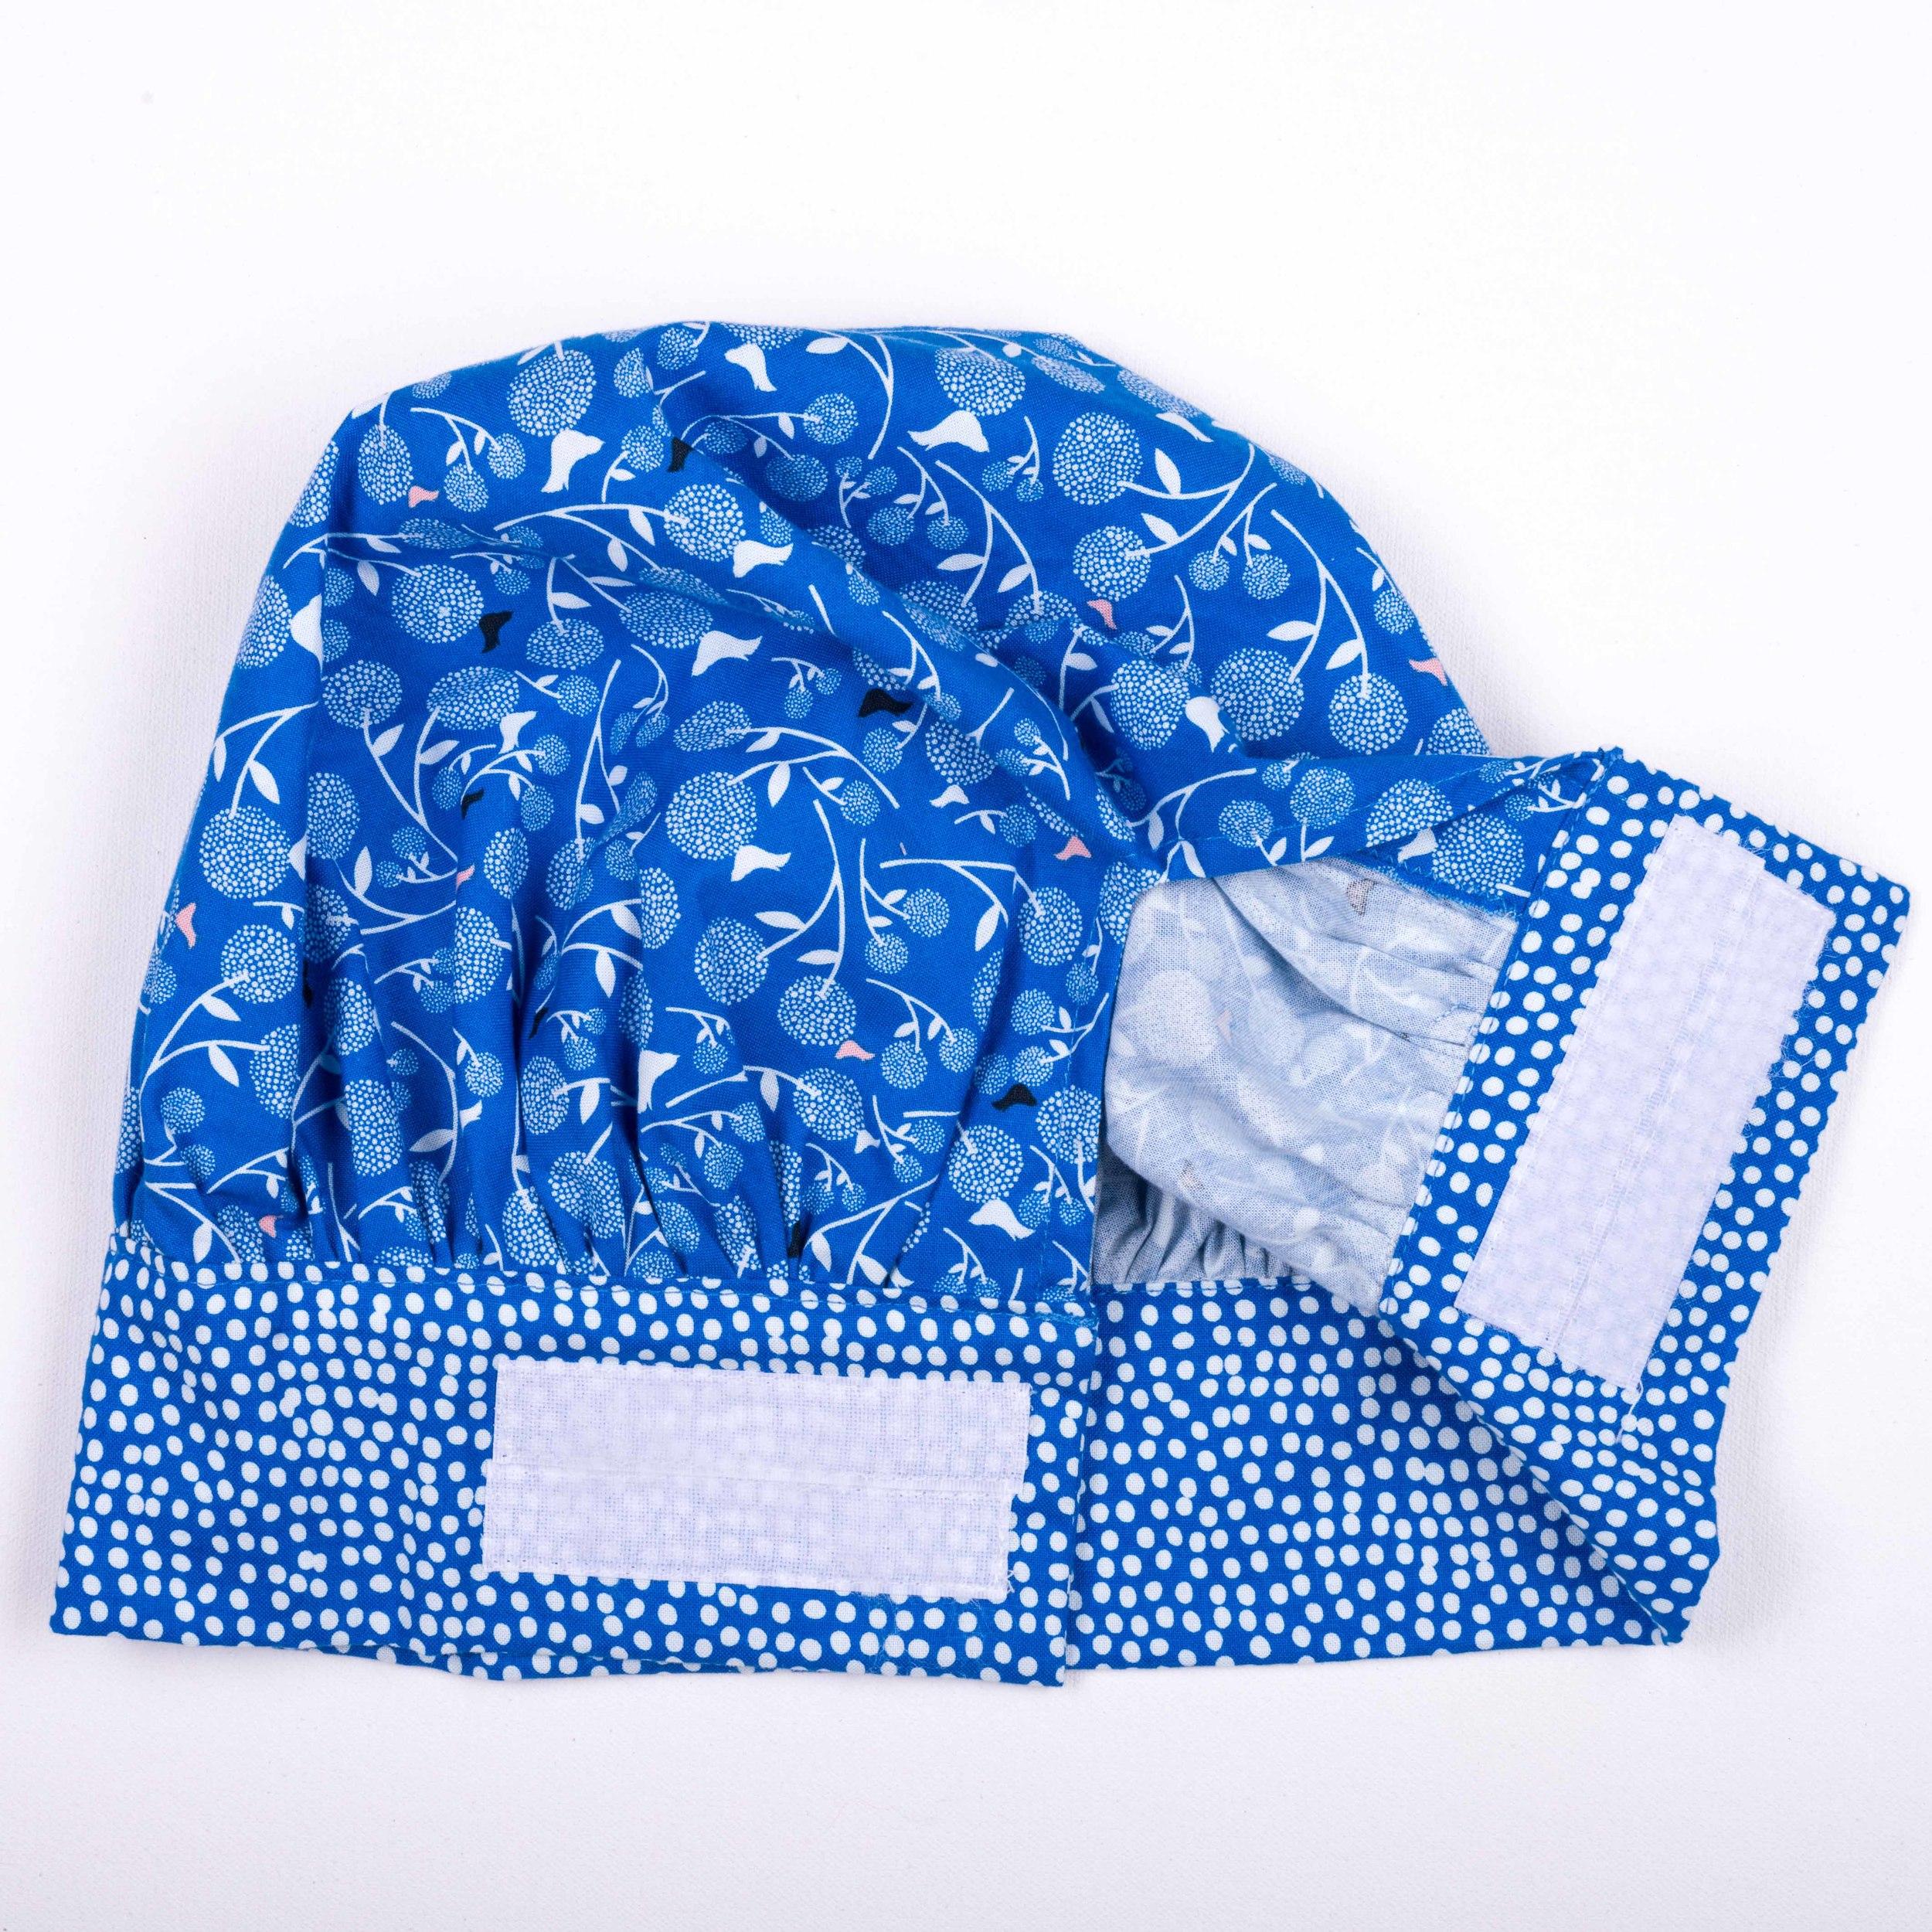 Skoo KidsKitchen Blue Floral Print Chefs Hat Rear